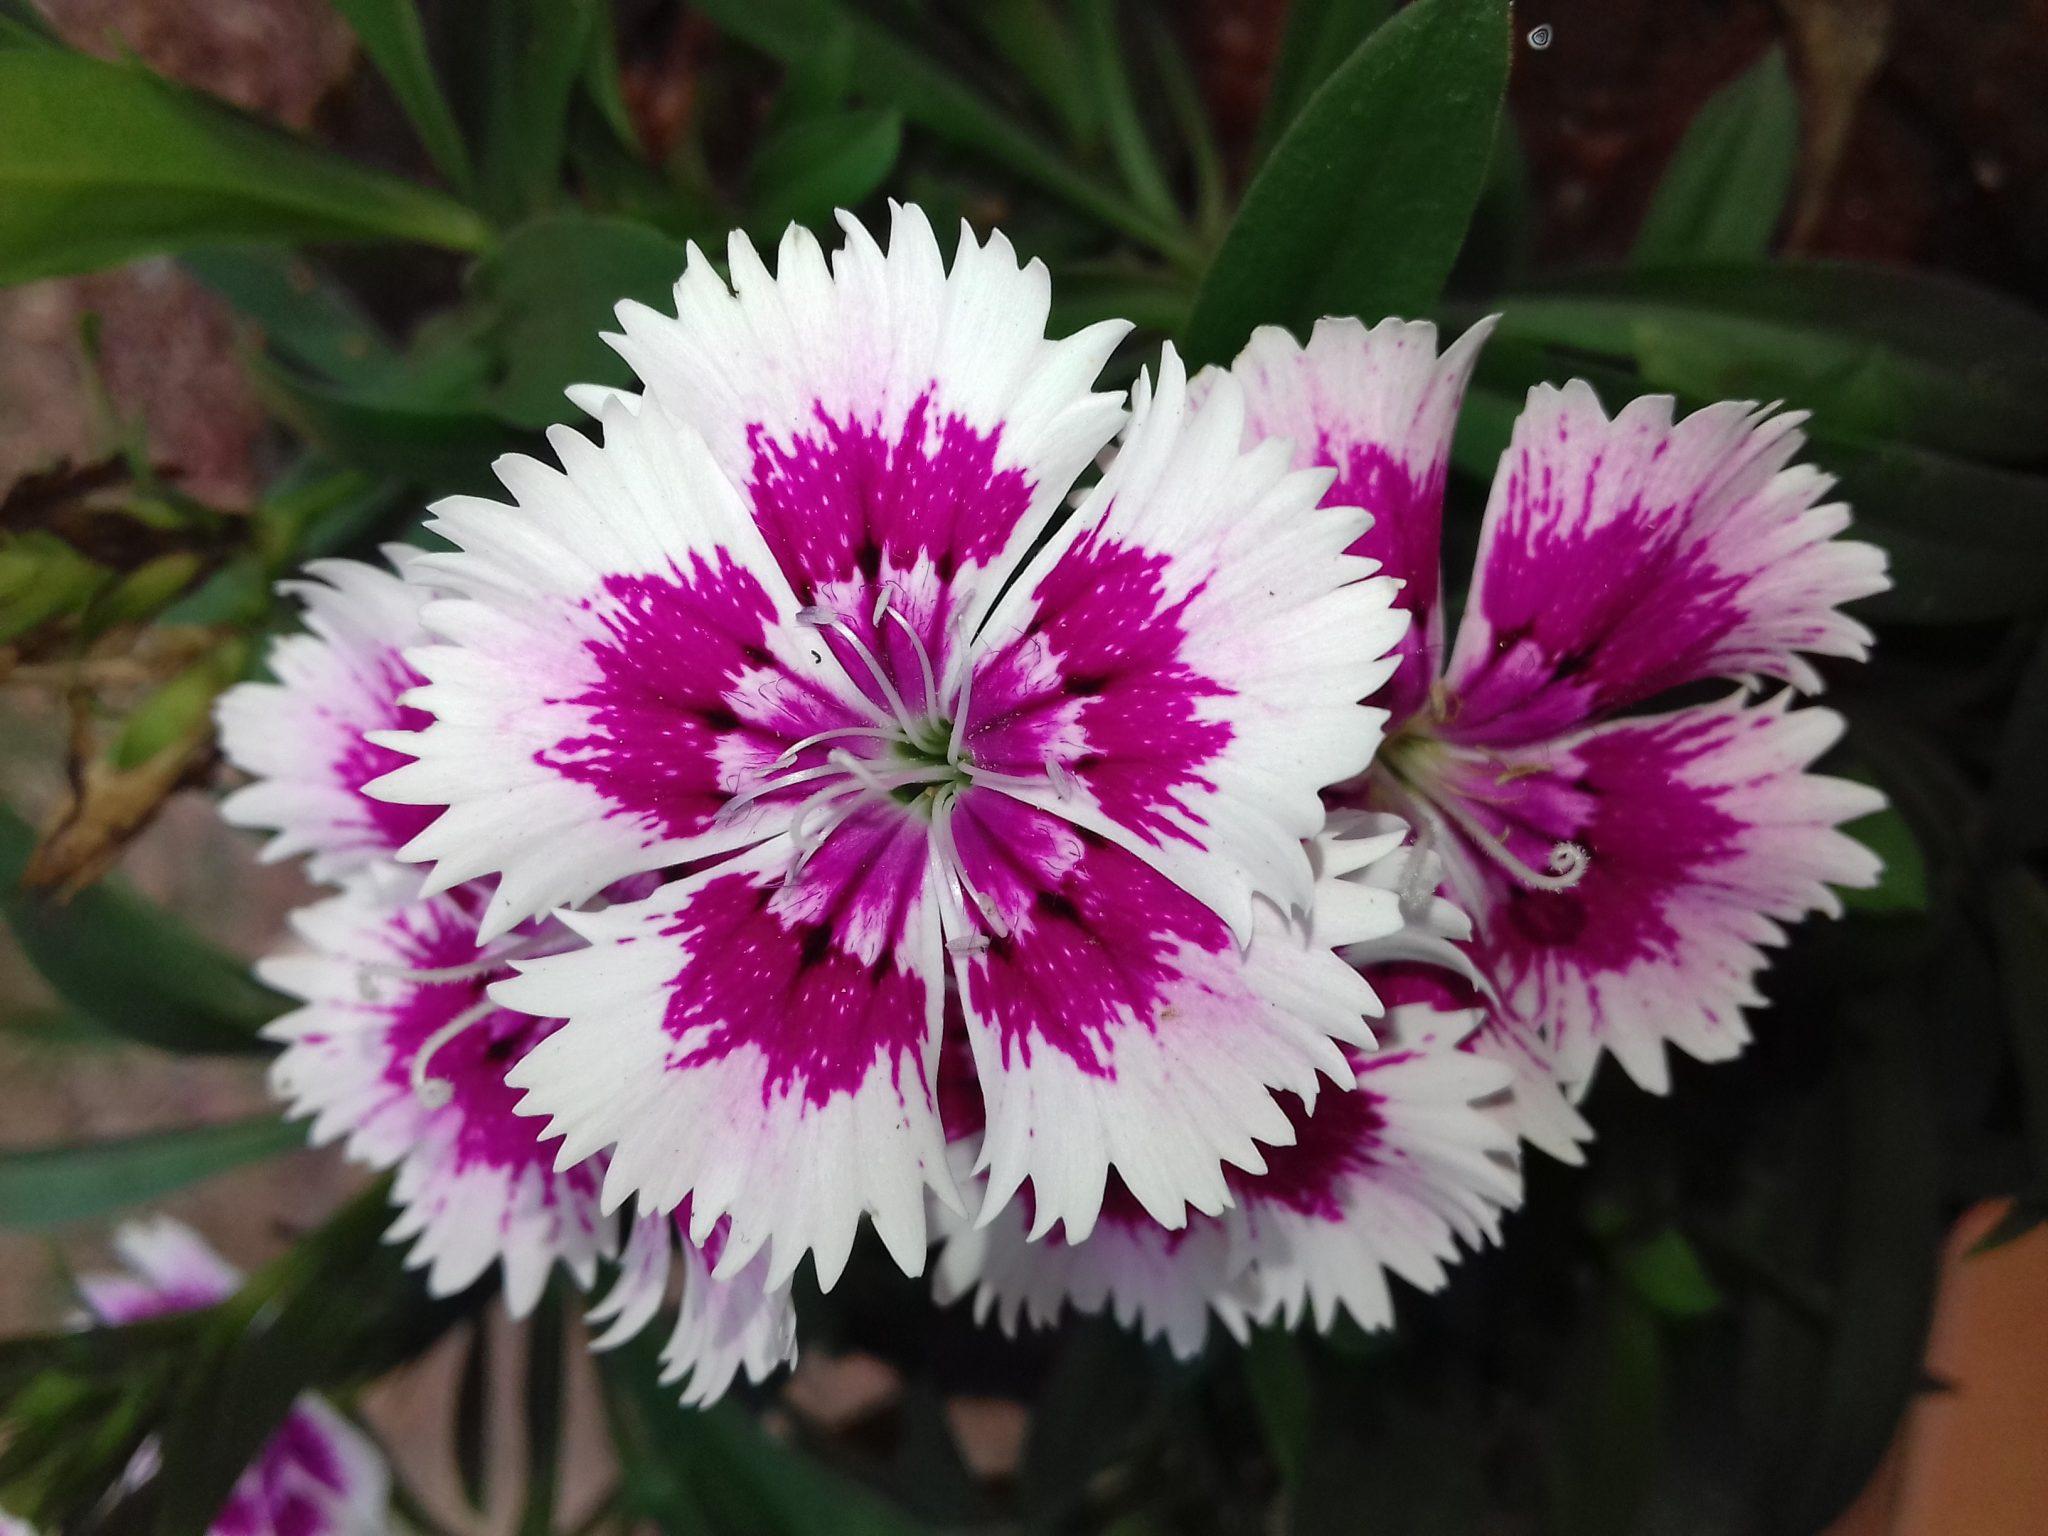 La clavelina es una flor